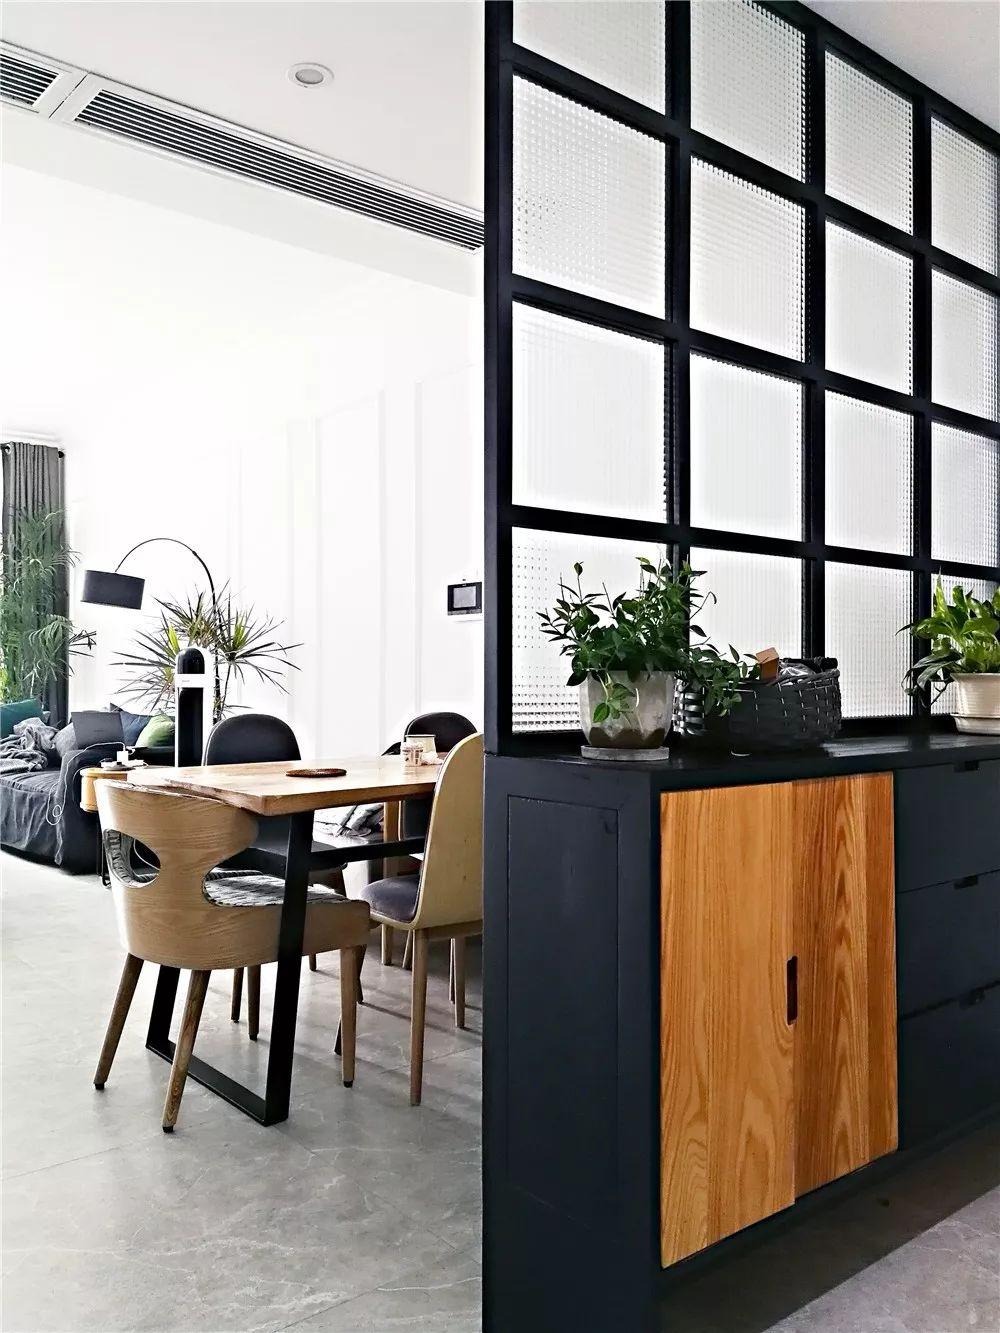 使用鞋柜+黑色方框柜当做隔断,双方格玻璃既能透光又能有私密性。